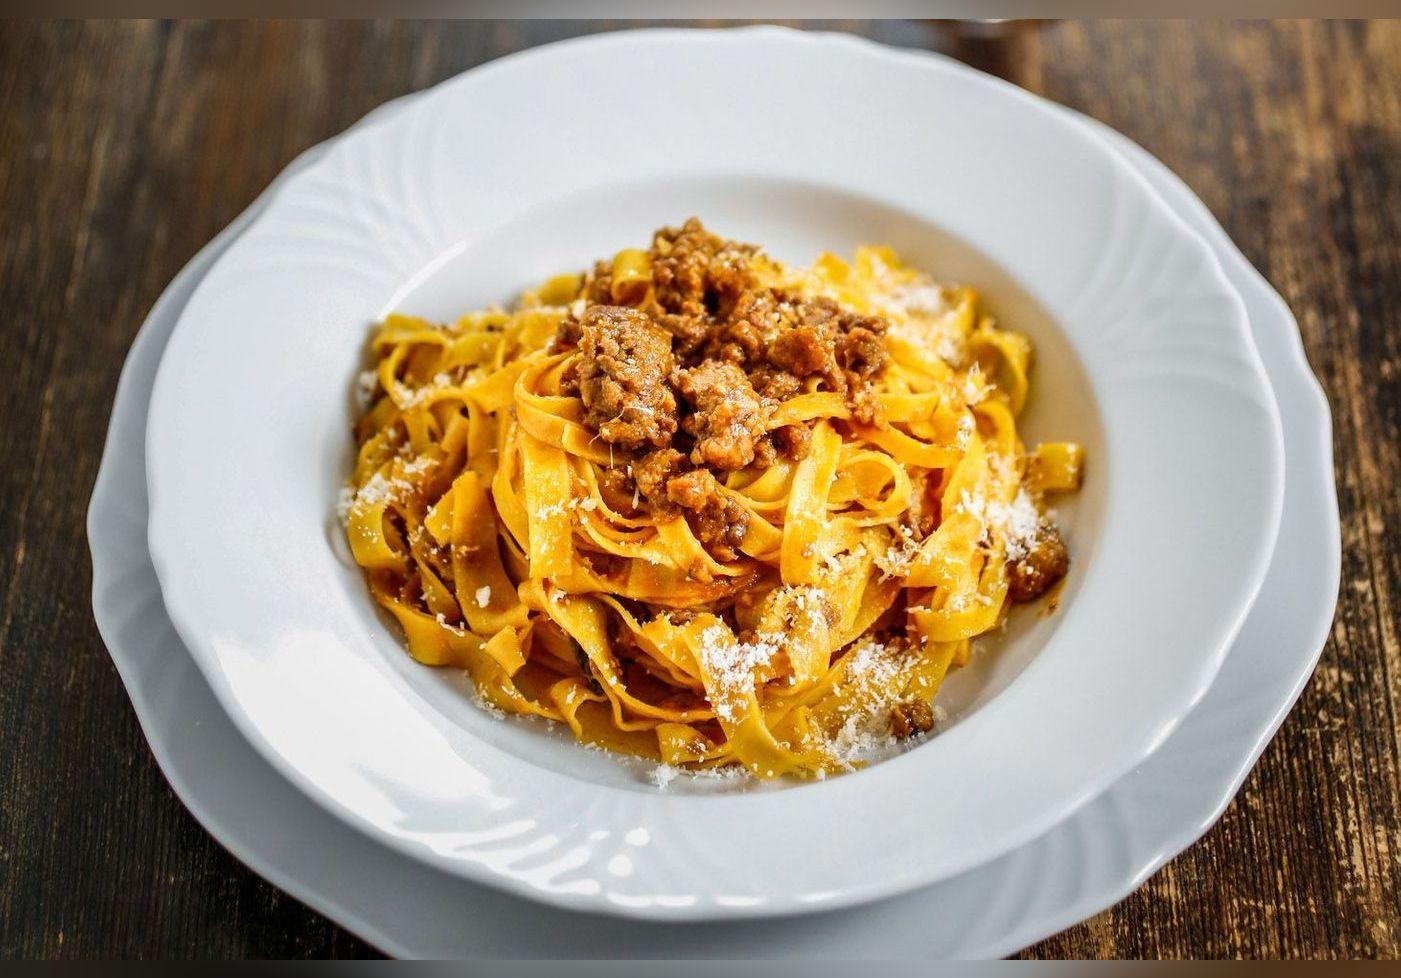 Denny Imbroisi dévoile son incroyable recette de pâtes au ragù blanc et nous emmène direction l'Italie